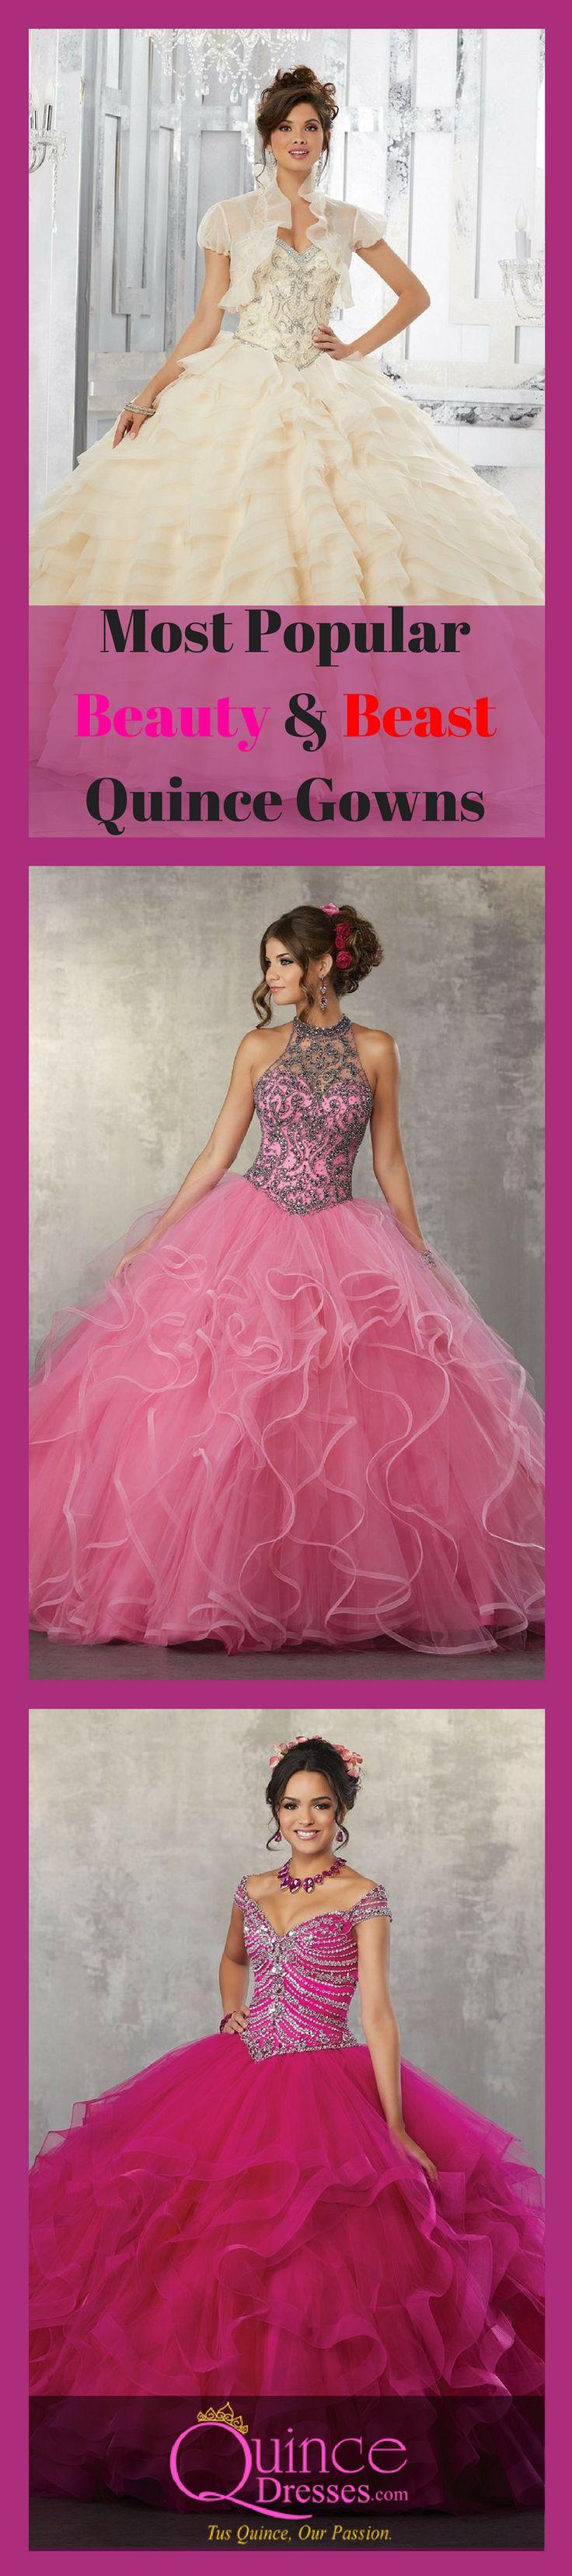 Mejores 51 imágenes de Dress en Pinterest | Baile de graduación ...